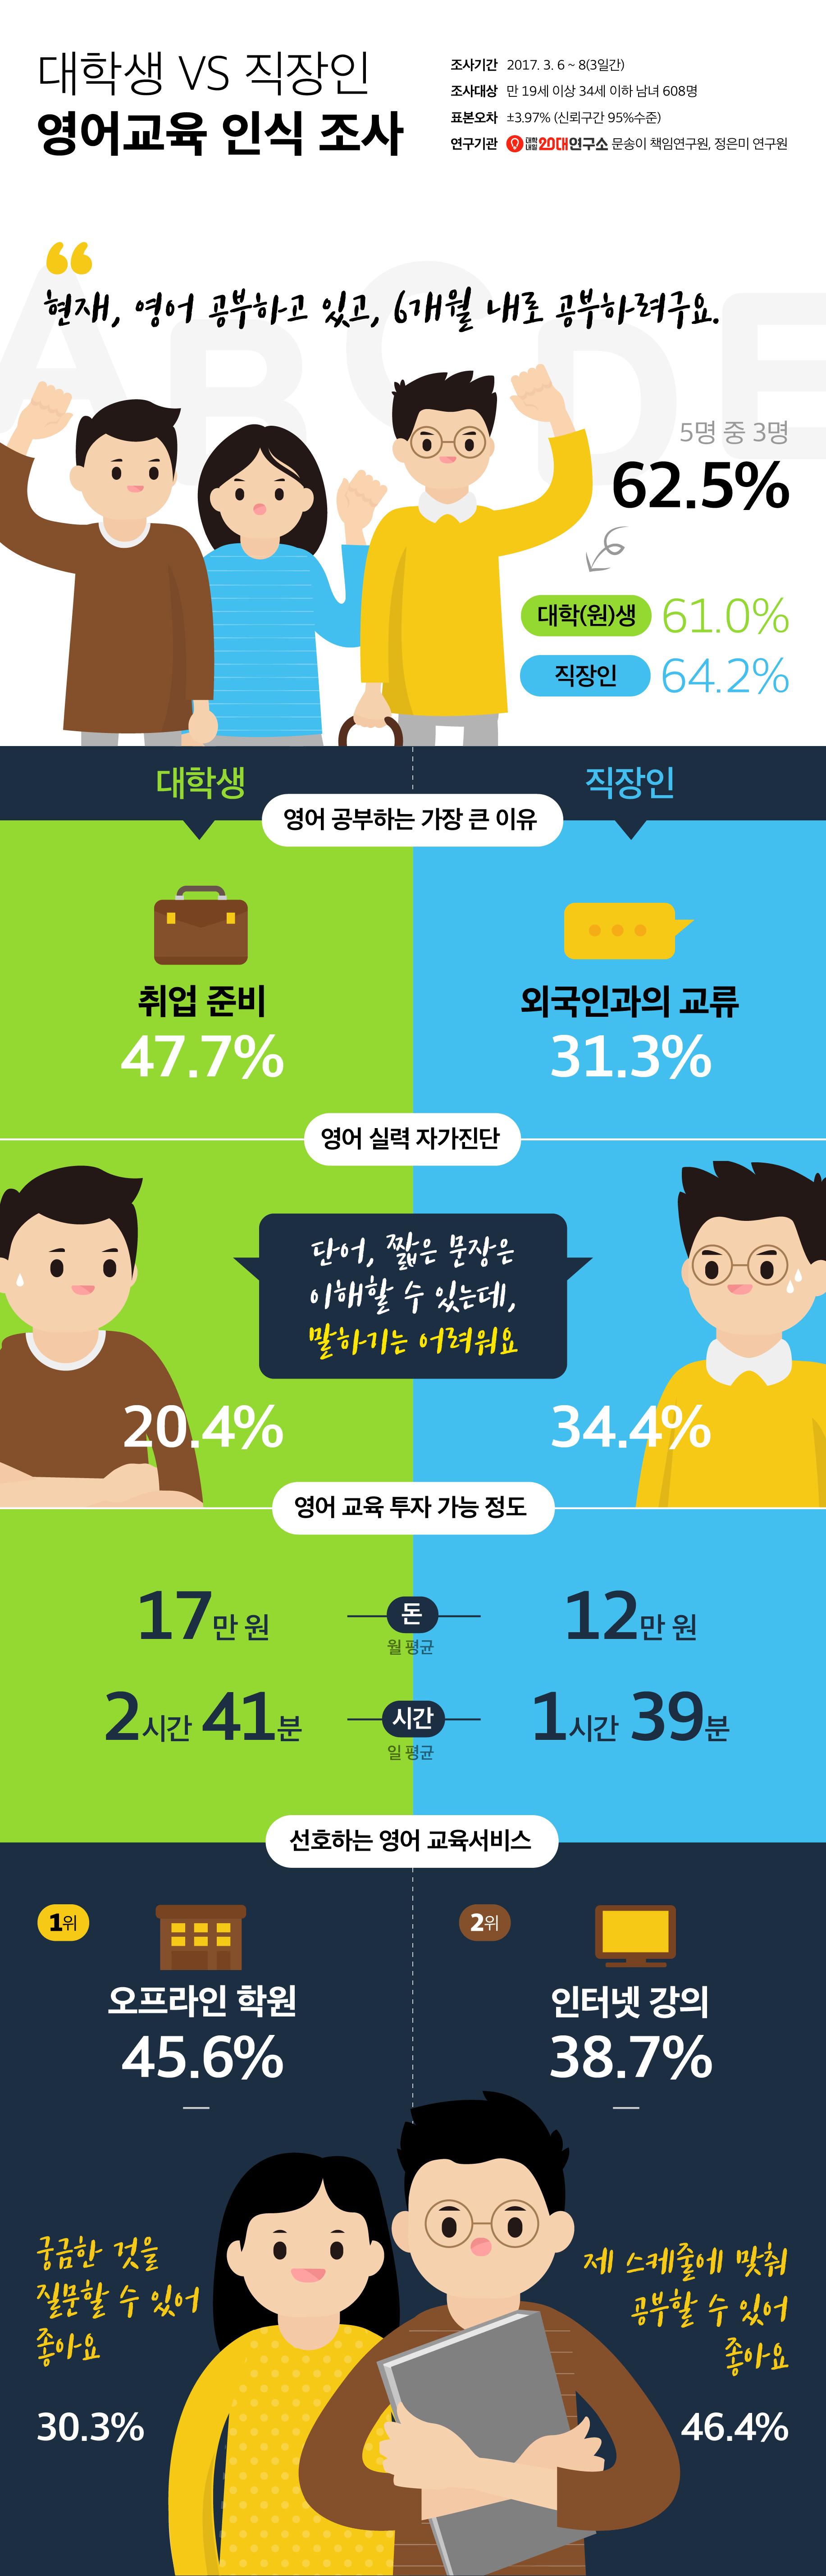 %ec%9d%b8%ed%8f%ac%ea%b7%b8%eb%9e%98%ed%94%bd2030%ec%84%b8%eb%8c%80_%ec%98%81%ec%96%b4%ec%99%80_%ec%98%81%ec%96%b4%ea%b5%90%ec%9c%a1%ec%97%90_%eb%8c%80%ed%95%9c_%ec%9d%b8%ec%8b%9d%ec%a1%b0%ec%82%ac_